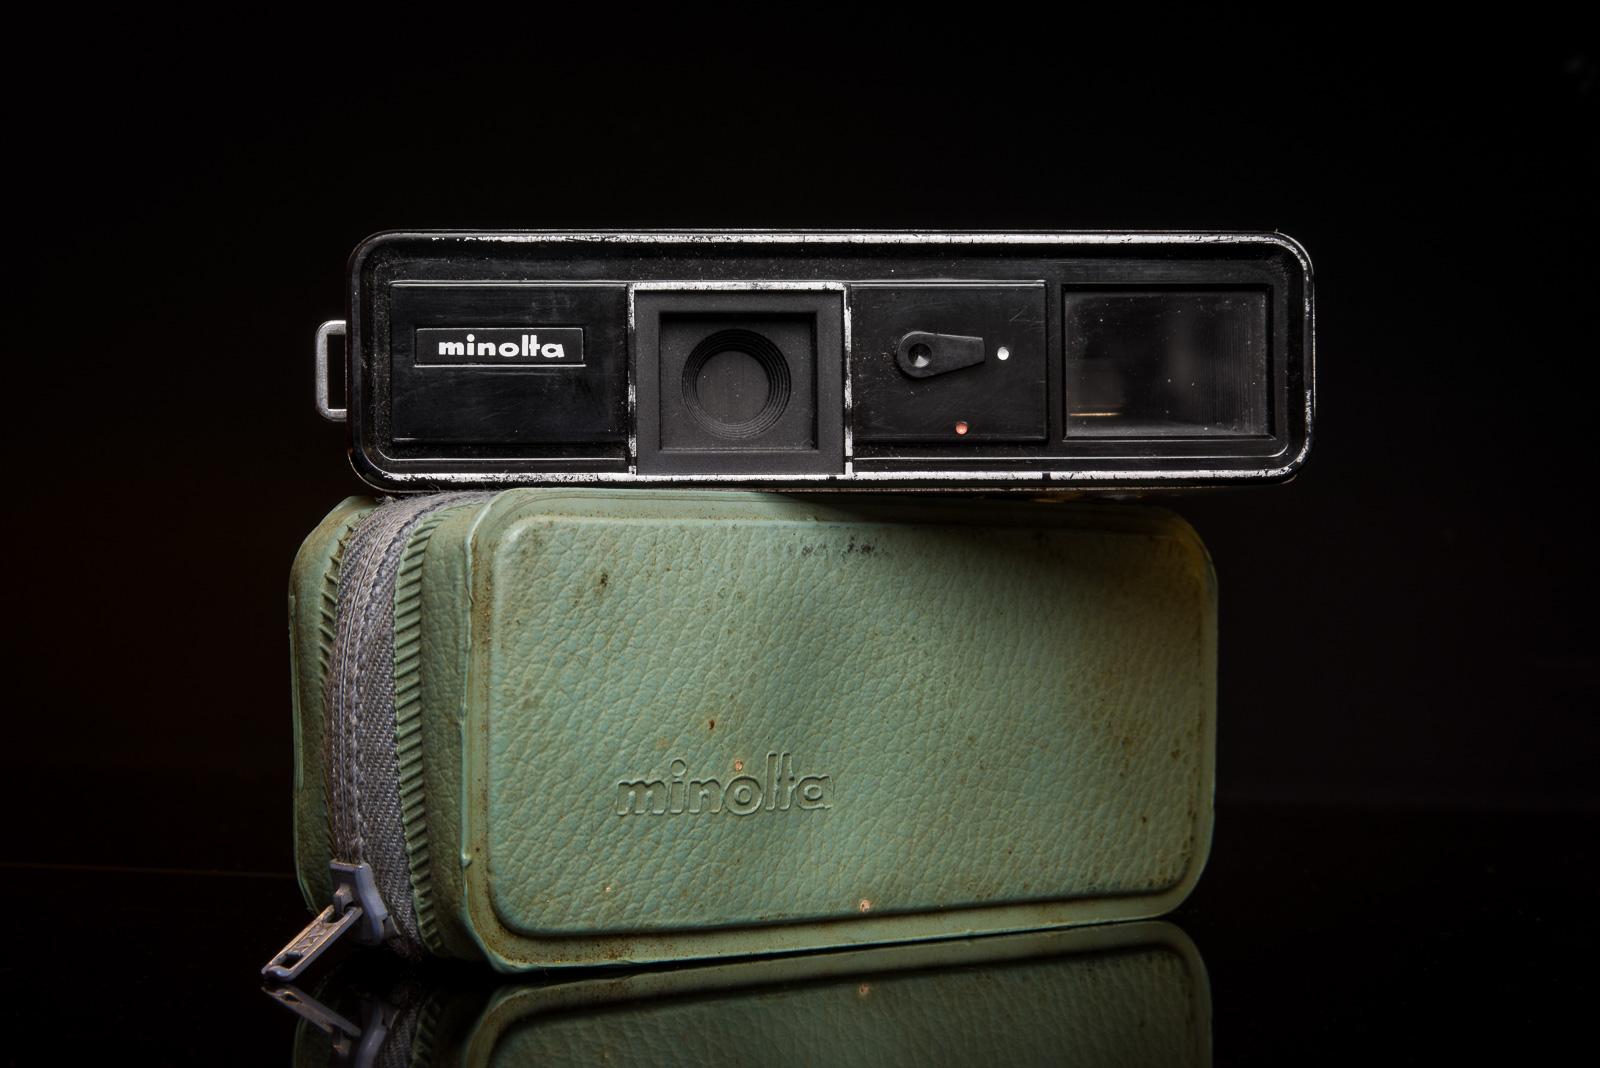 DSC_6978-cameras_sml-2.jpg